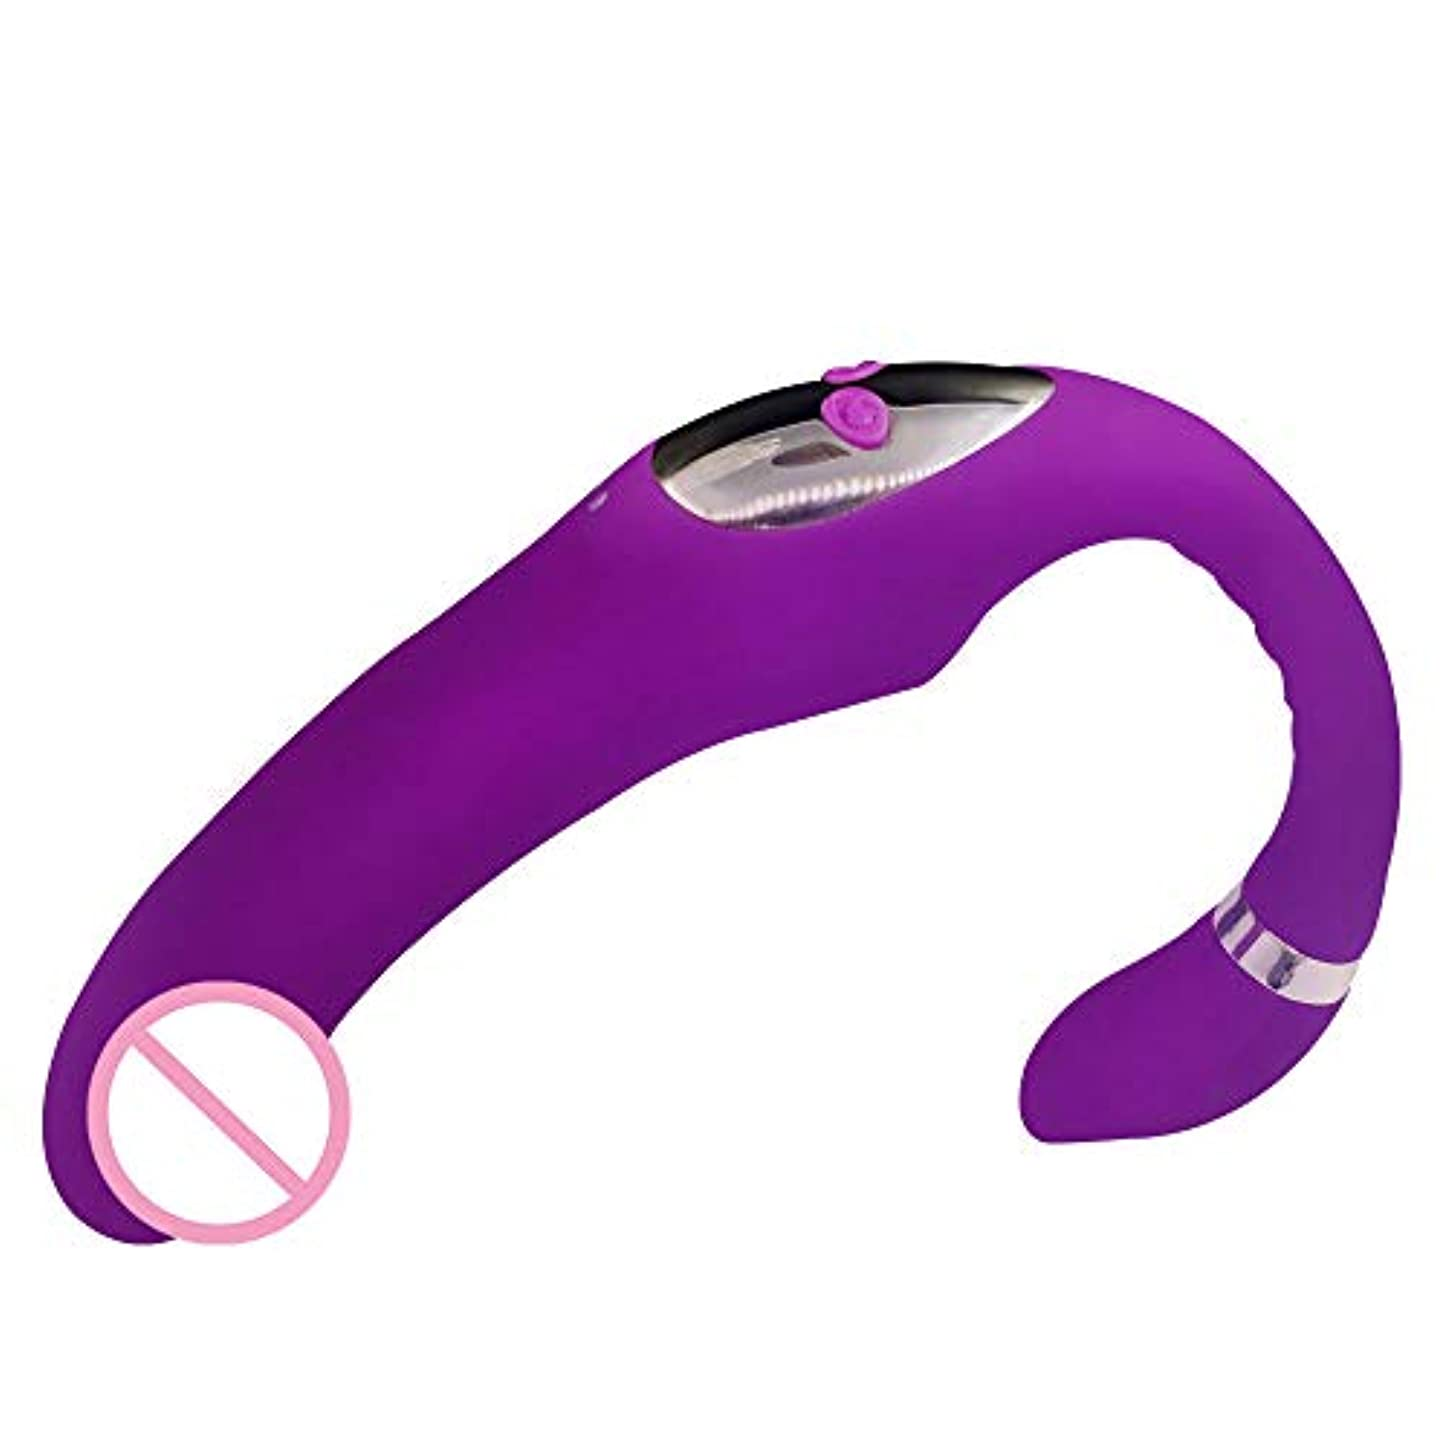 明らかにする膨らみ創造女性のポータブル回転舌用バイブウサギ温水USBワンド大人のおもちゃ。